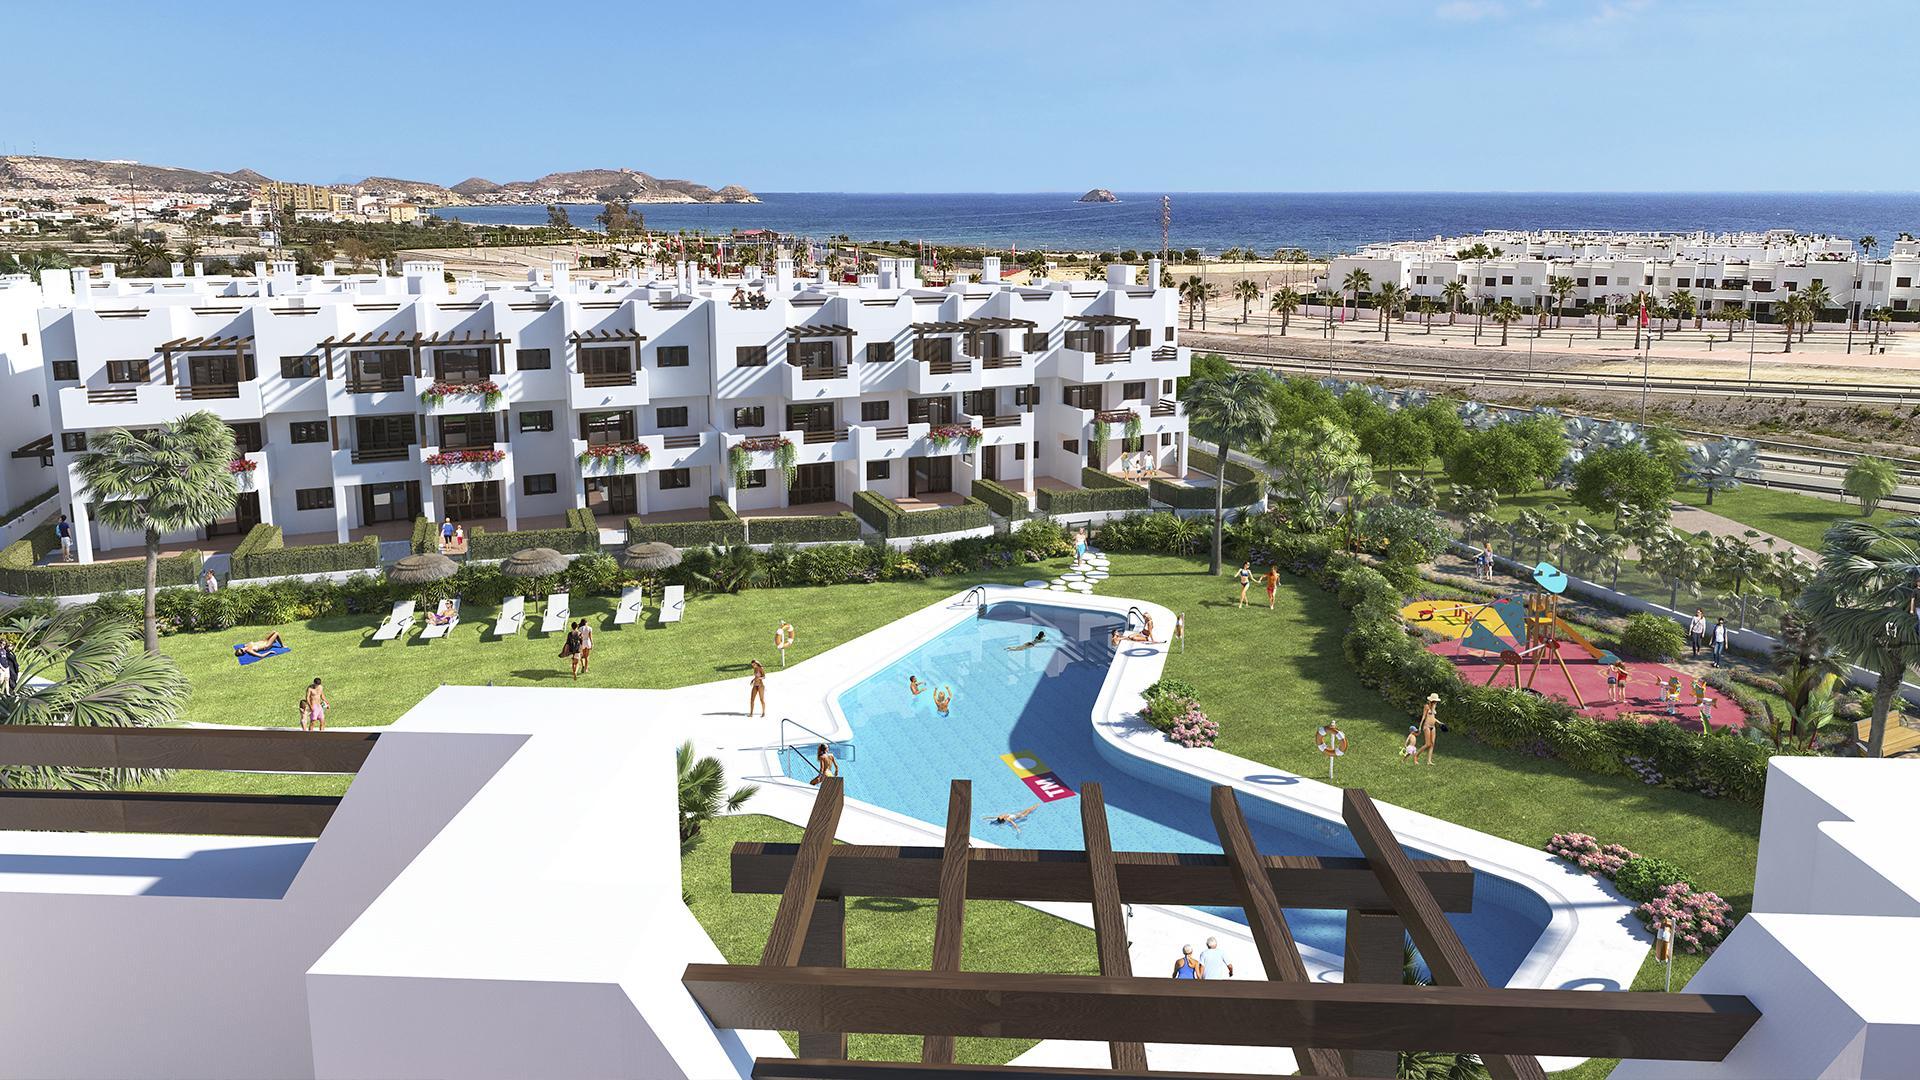 Ground floor apartment with garden in Mar de Pulpi in Medvilla Spanje